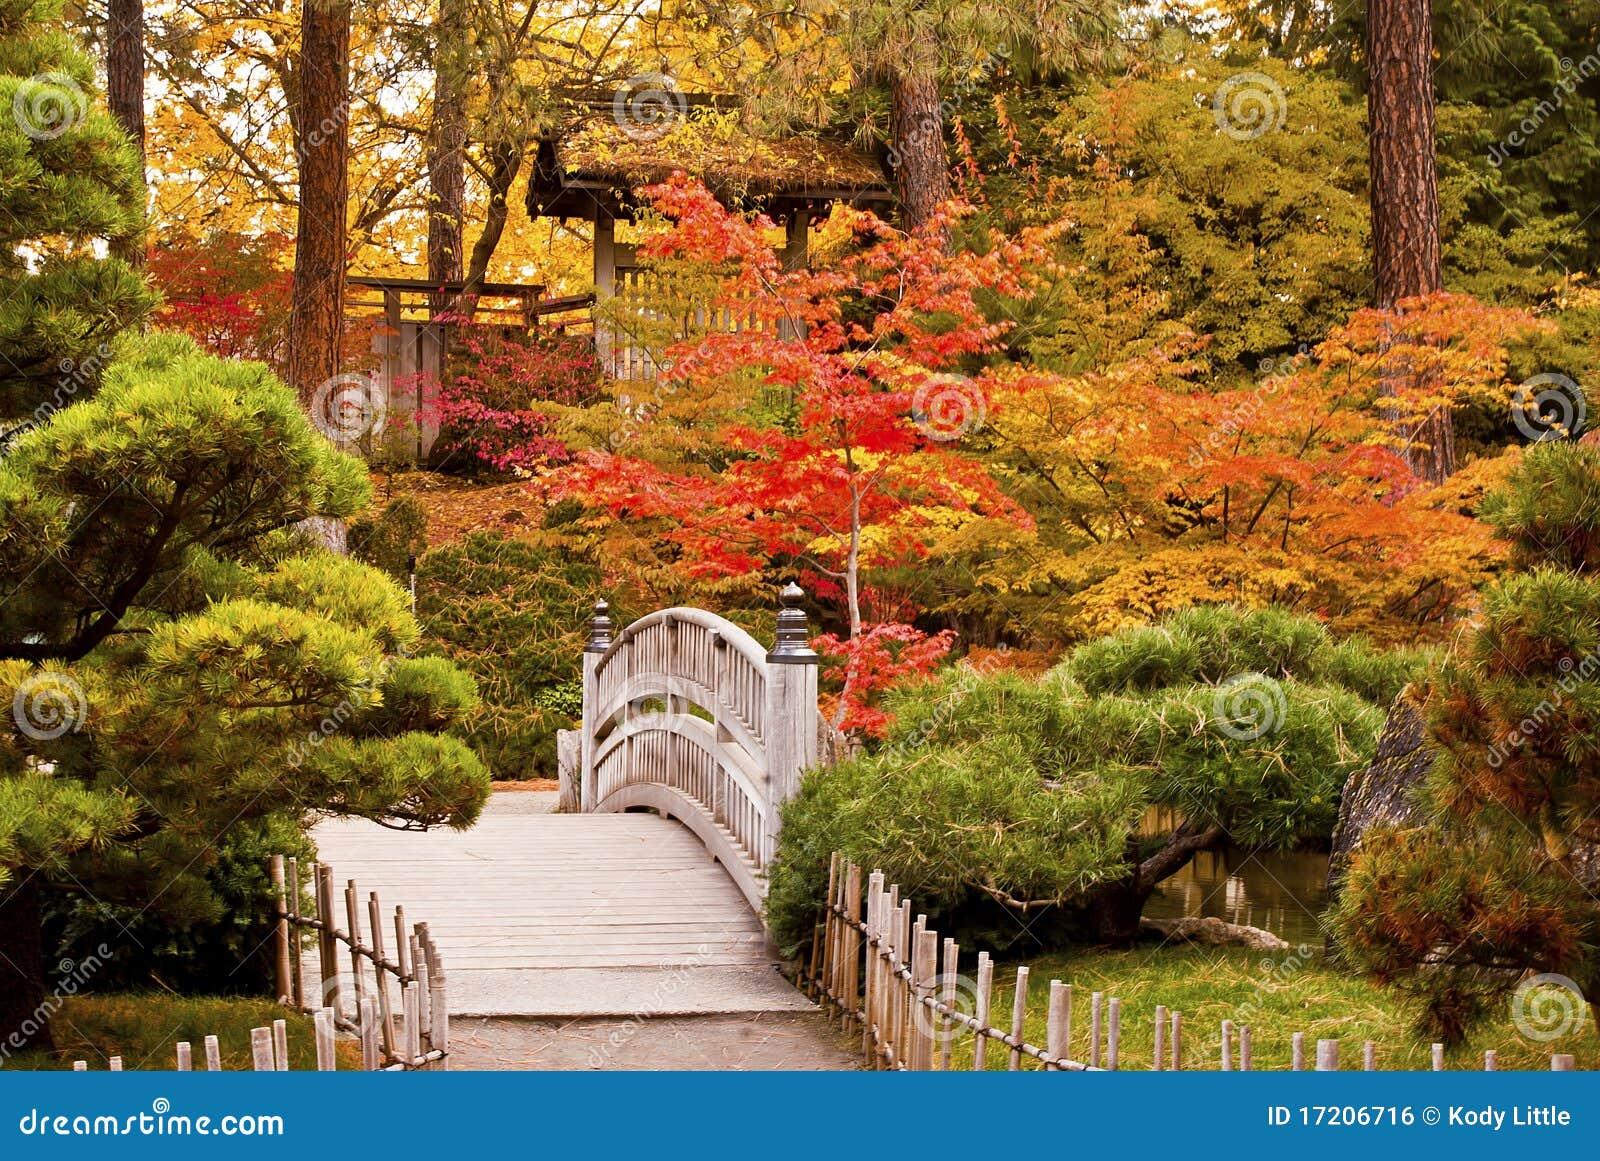 De japanse tuin van de herfst stock foto afbeelding for Free japanese garden designs